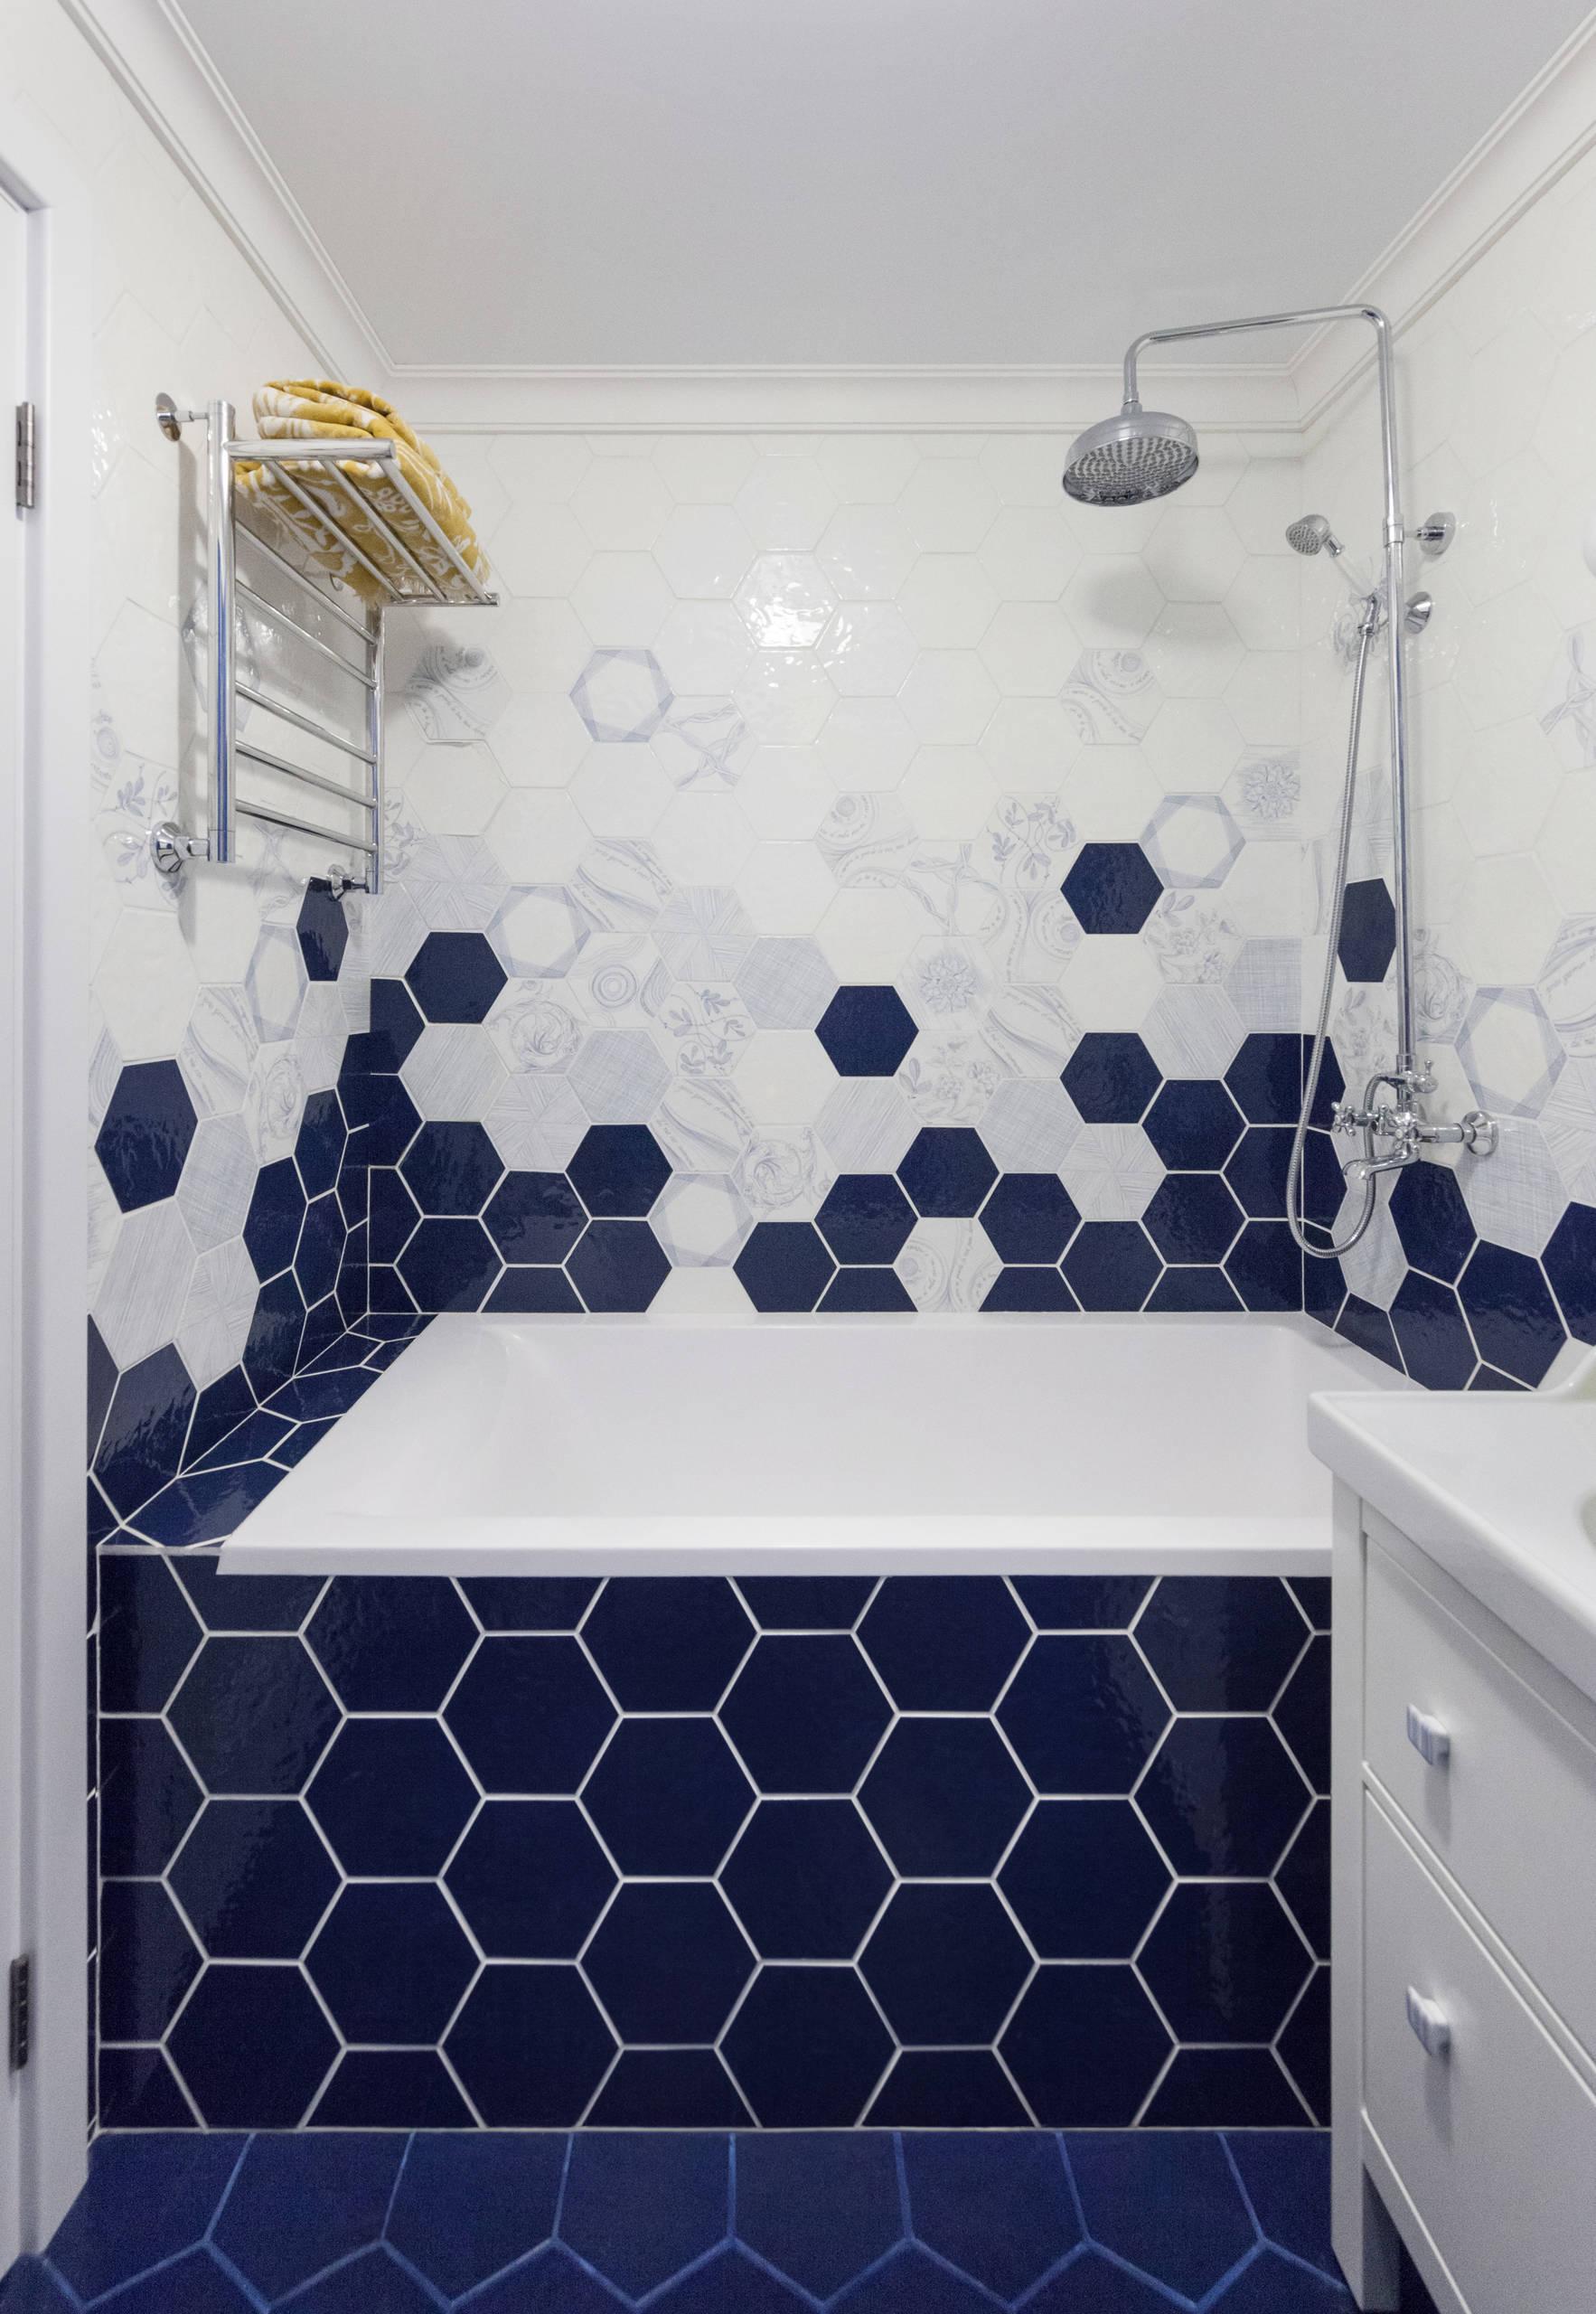 Темно-синяя плитка неоычной формы в сочетании с белым в ванной комнате